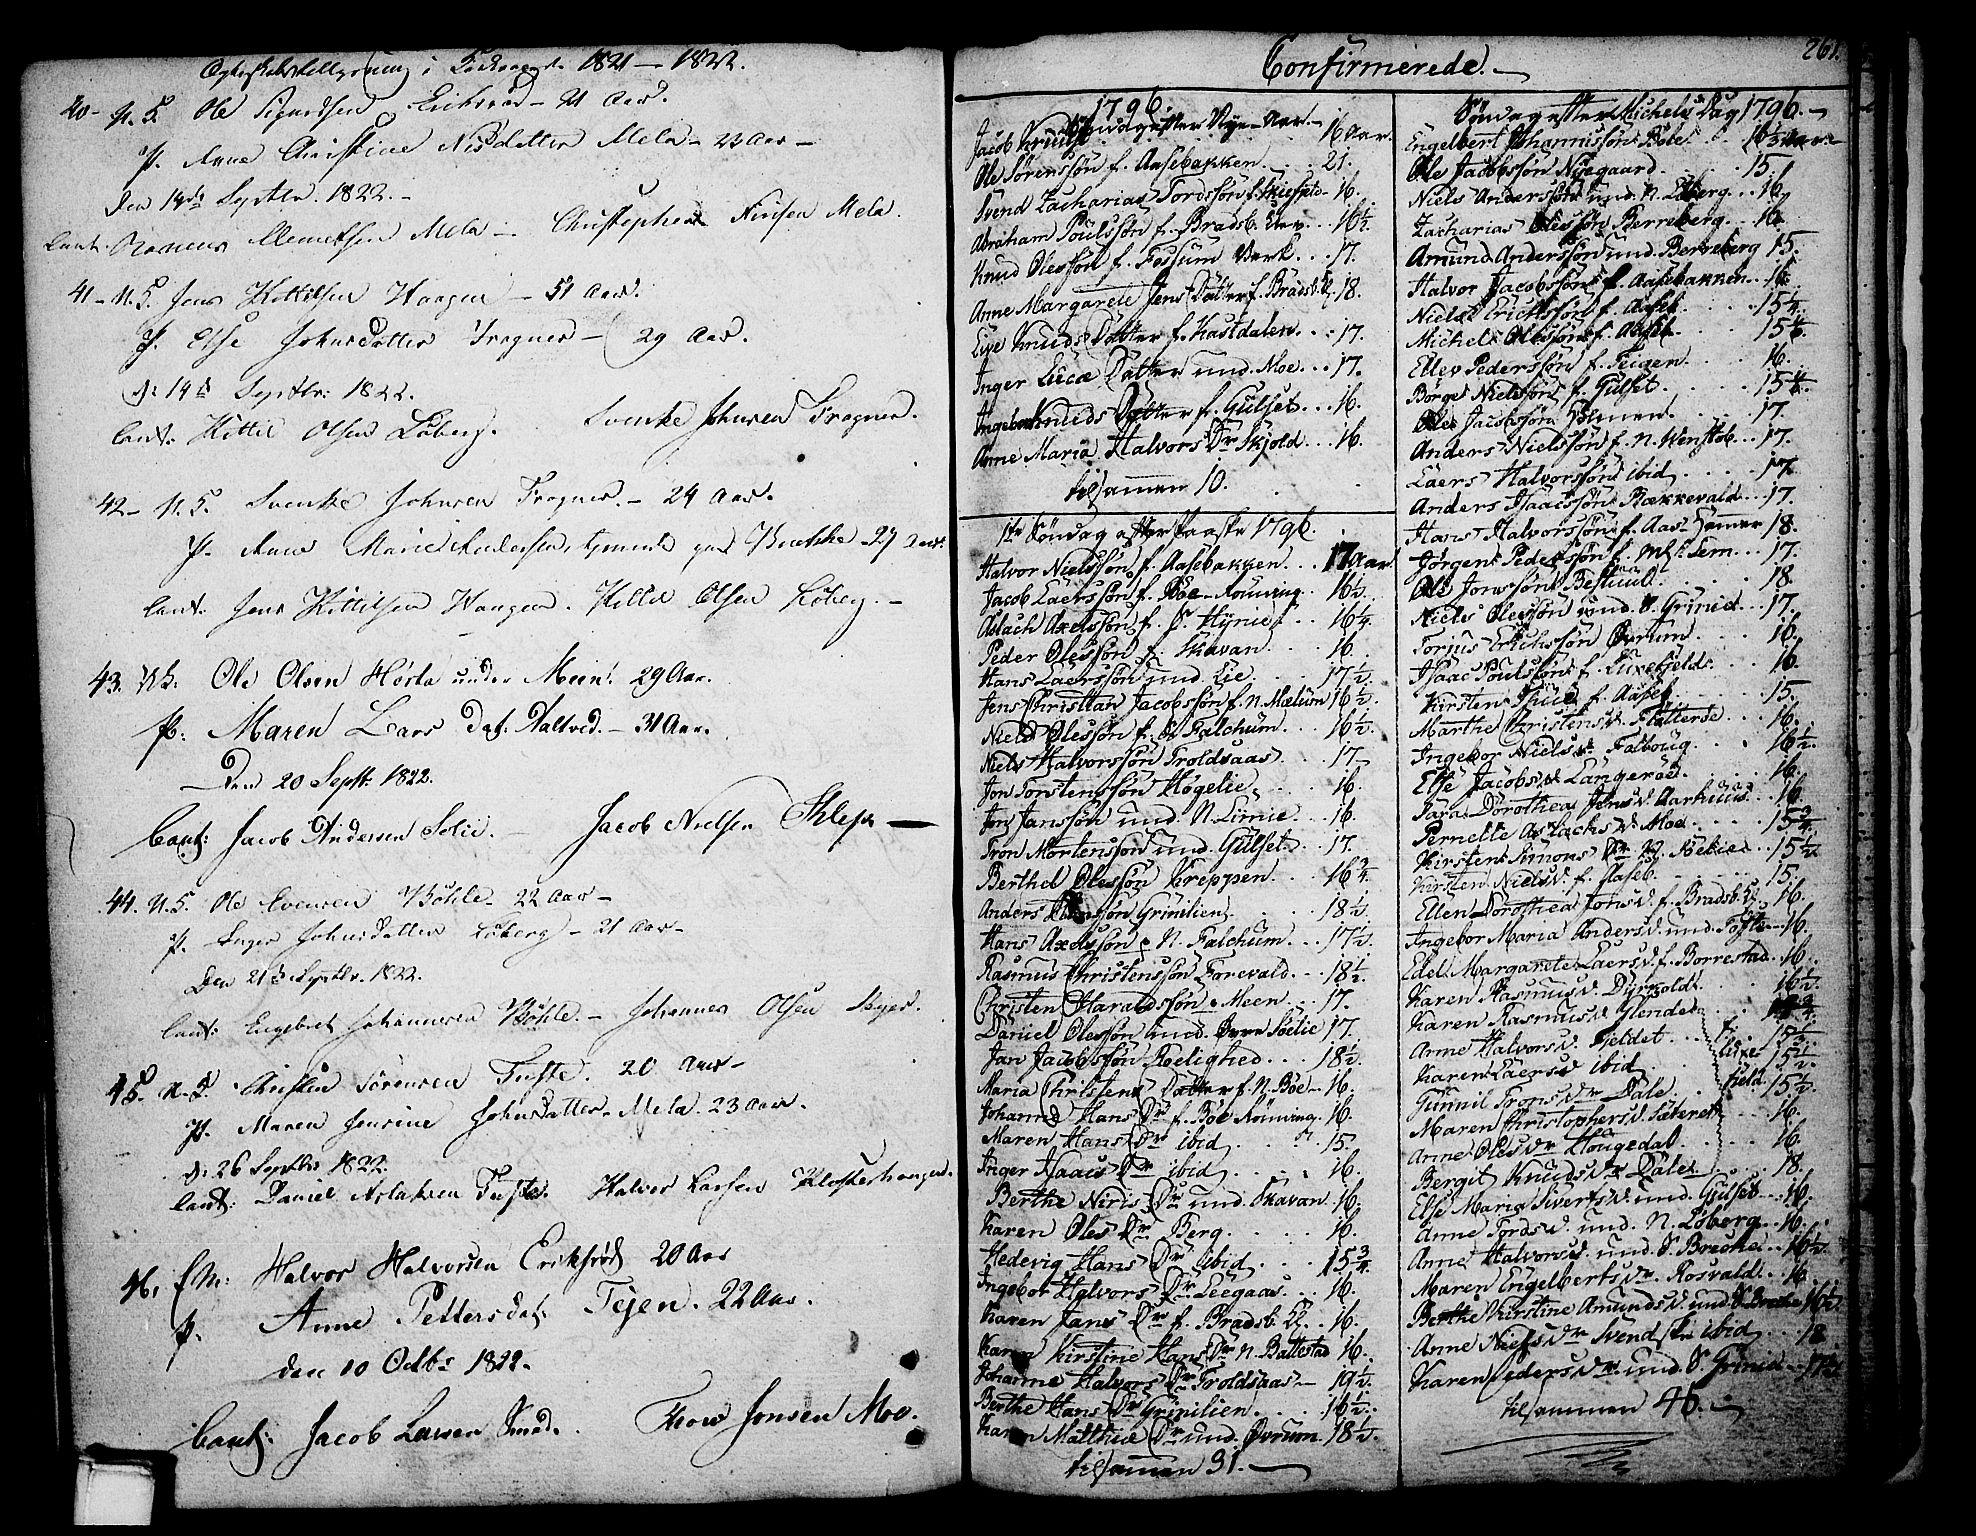 SAKO, Gjerpen kirkebøker, F/Fa/L0003: Ministerialbok nr. 3, 1796-1814, s. 261